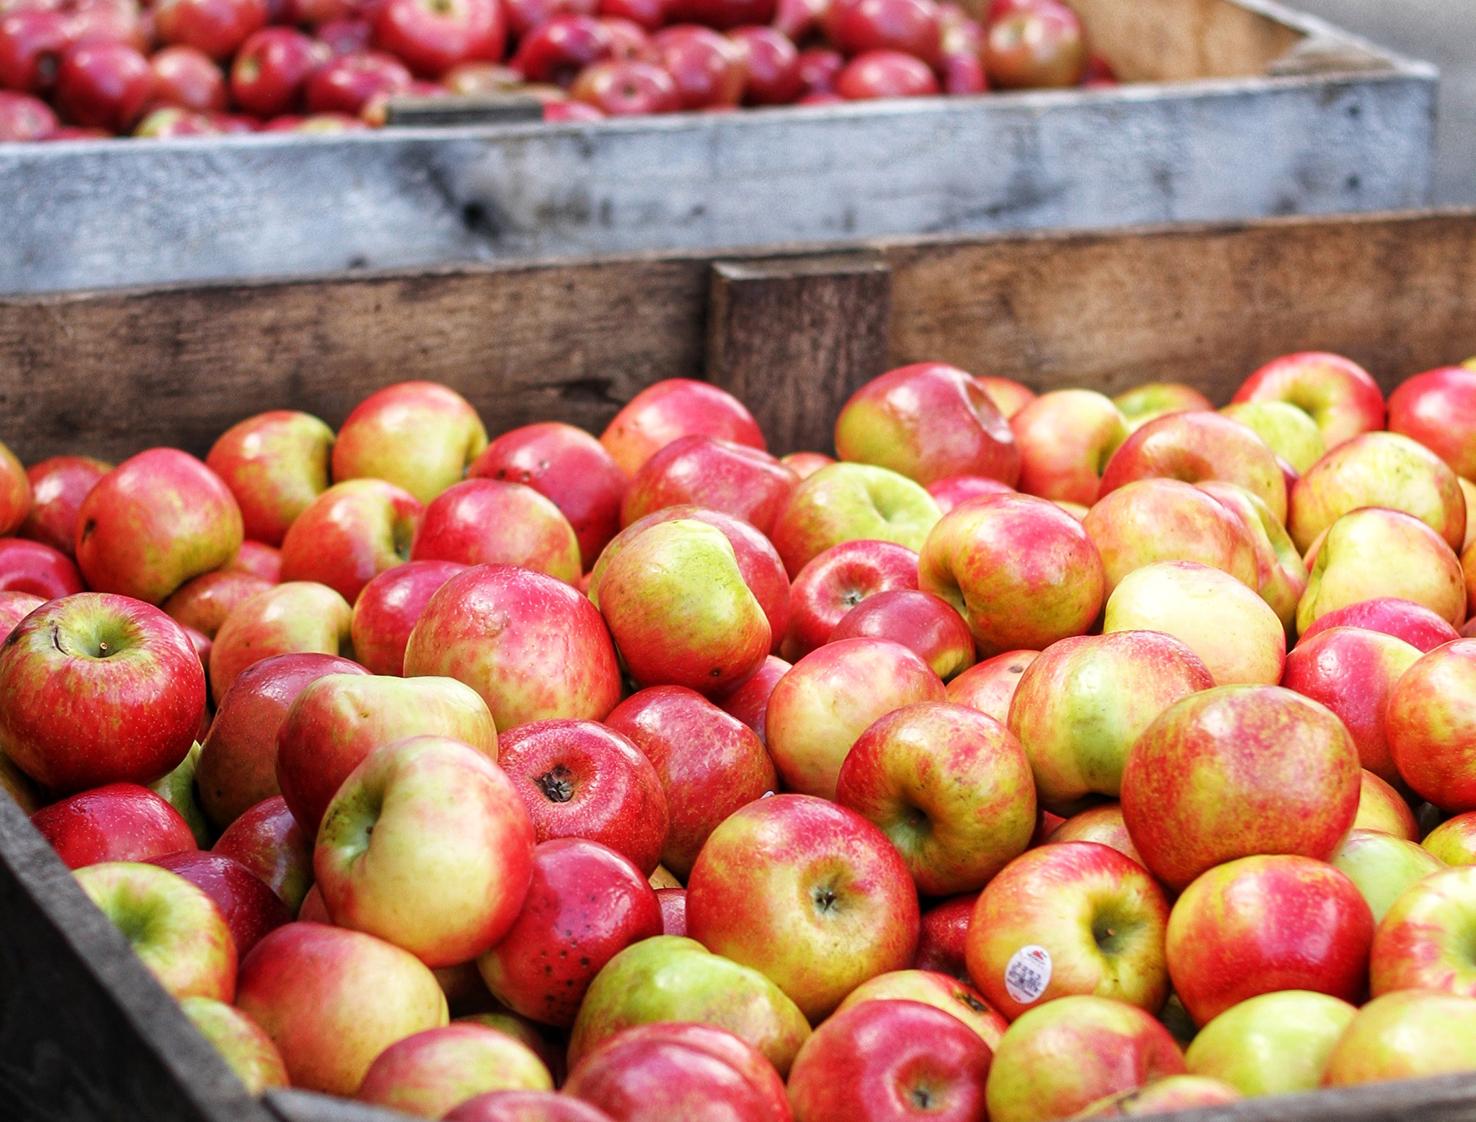 slabtown cider co apples marketplace the market.jpg